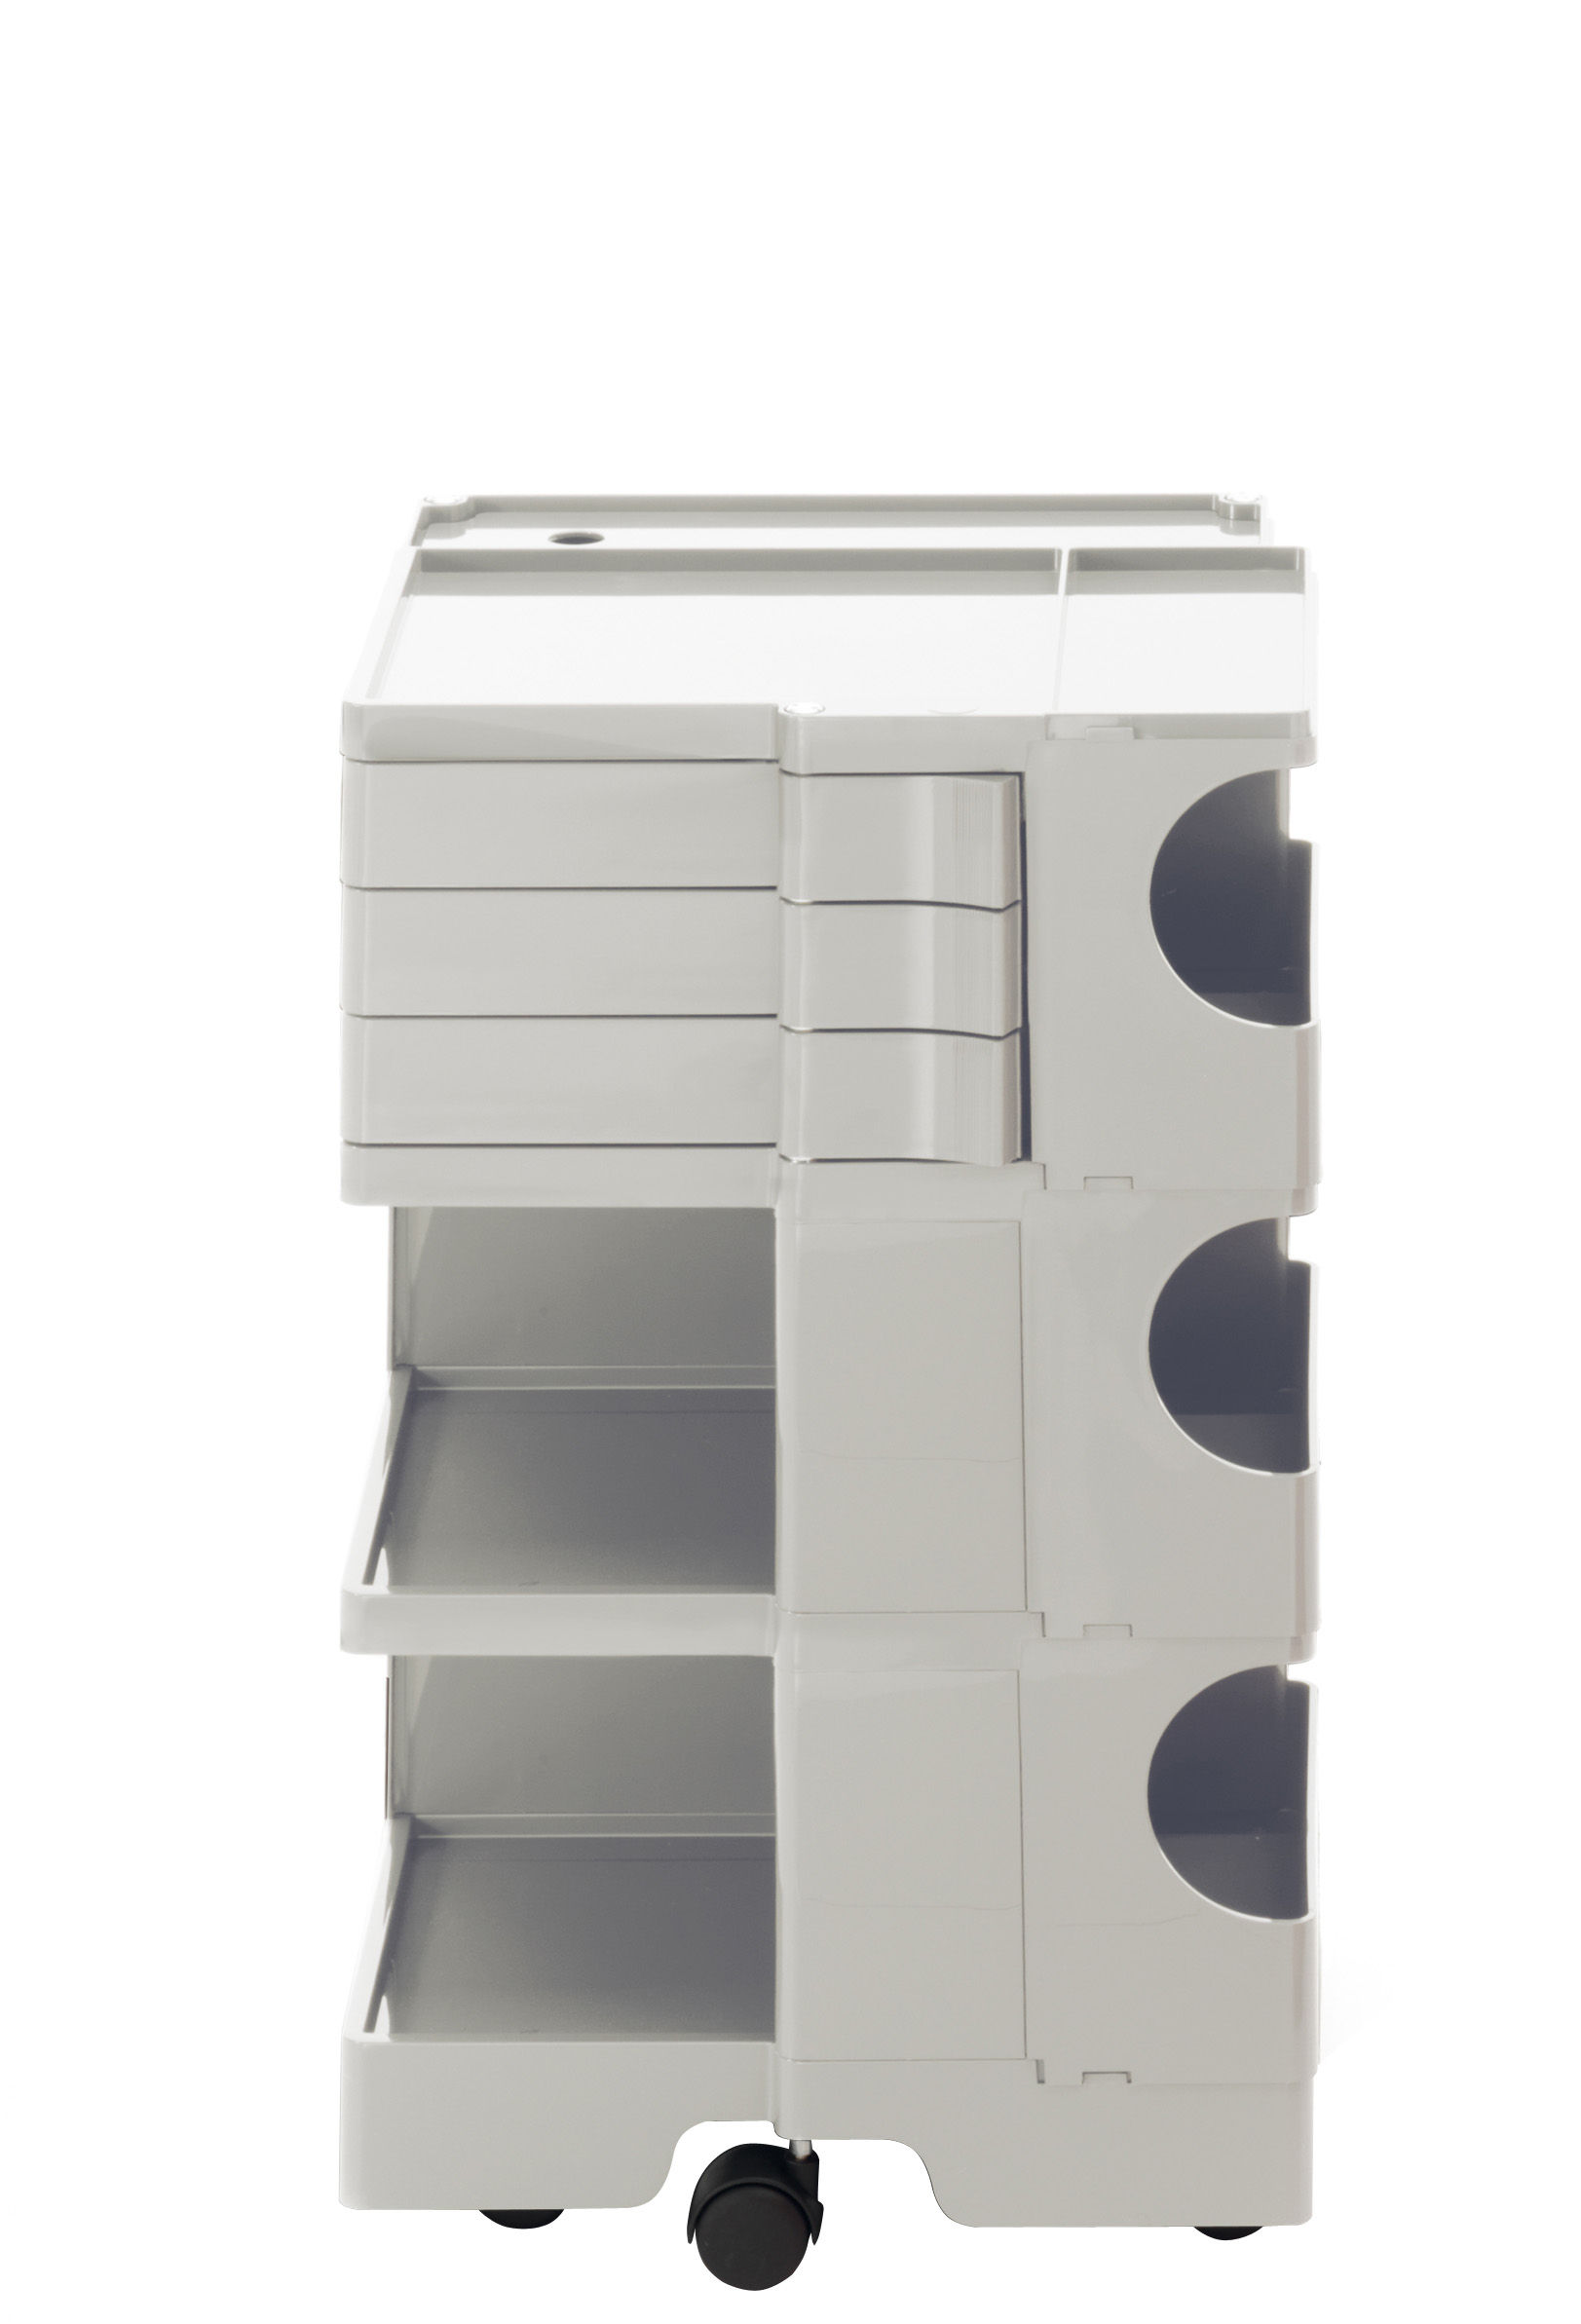 Mobilier - Compléments d'ameublement - Desserte Boby / H 73 cm - 3 tiroirs - B-LINE - Blanc - ABS